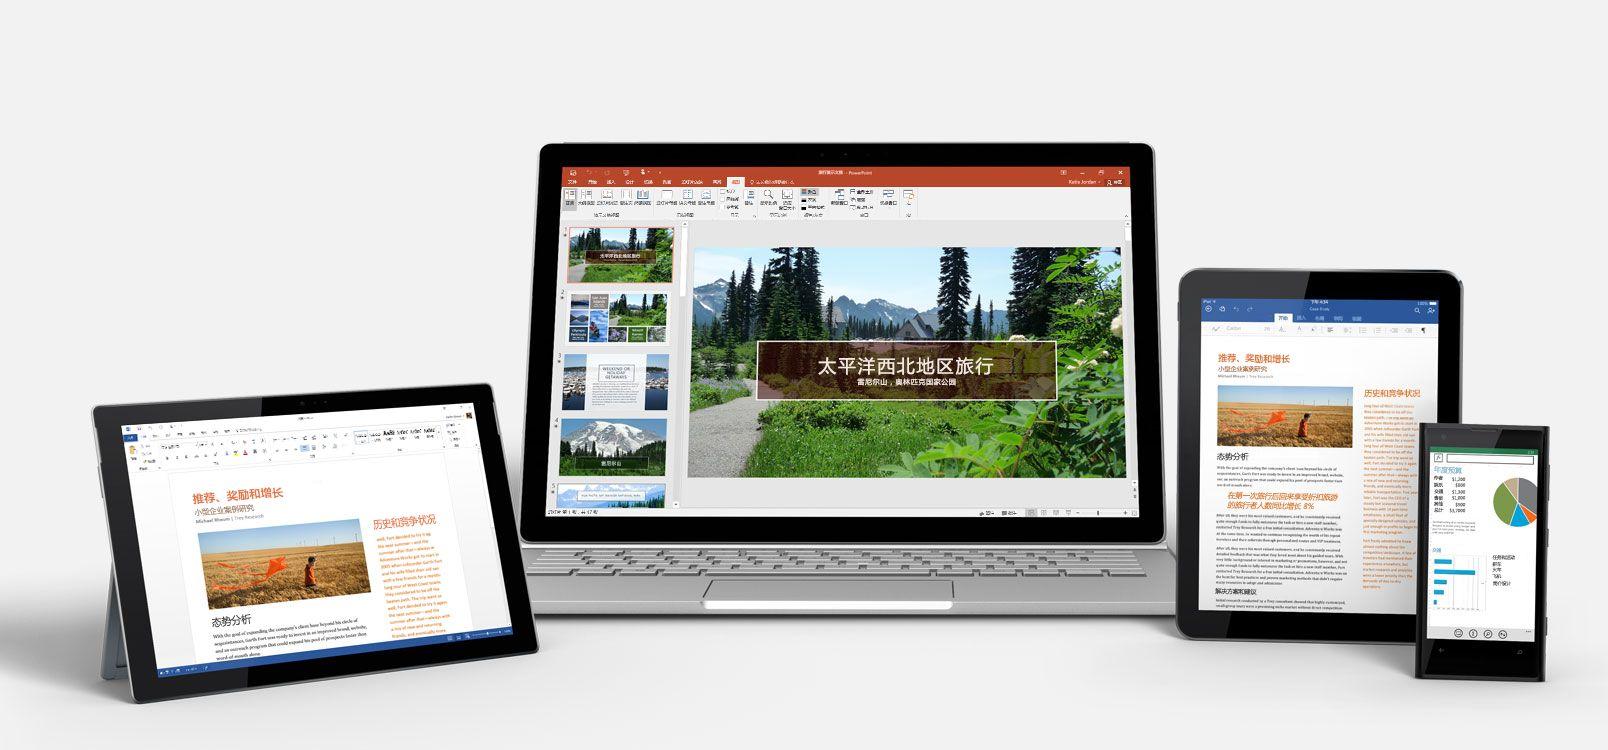 显示使用中的 Office 365 的 Windows 平板电脑、笔记本电脑、iPad 以及智能手机。